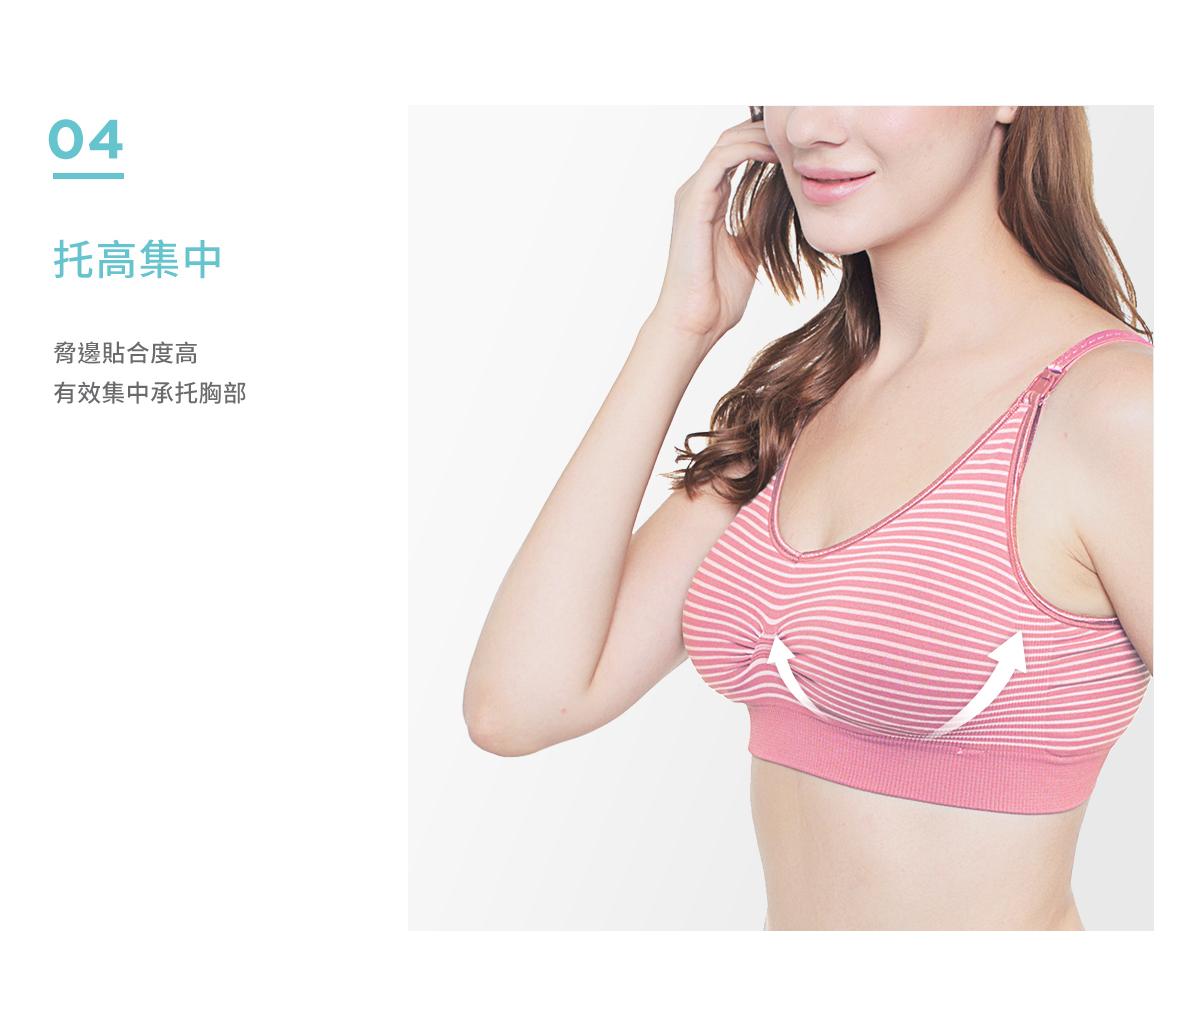 哺乳期, 托高集中, 哺乳內衣, 孕婦內衣, 特點, 胸部變化, 高彈力無痕孕哺乳內衣, 脅邊貼合度高, 有效集中承托胸部